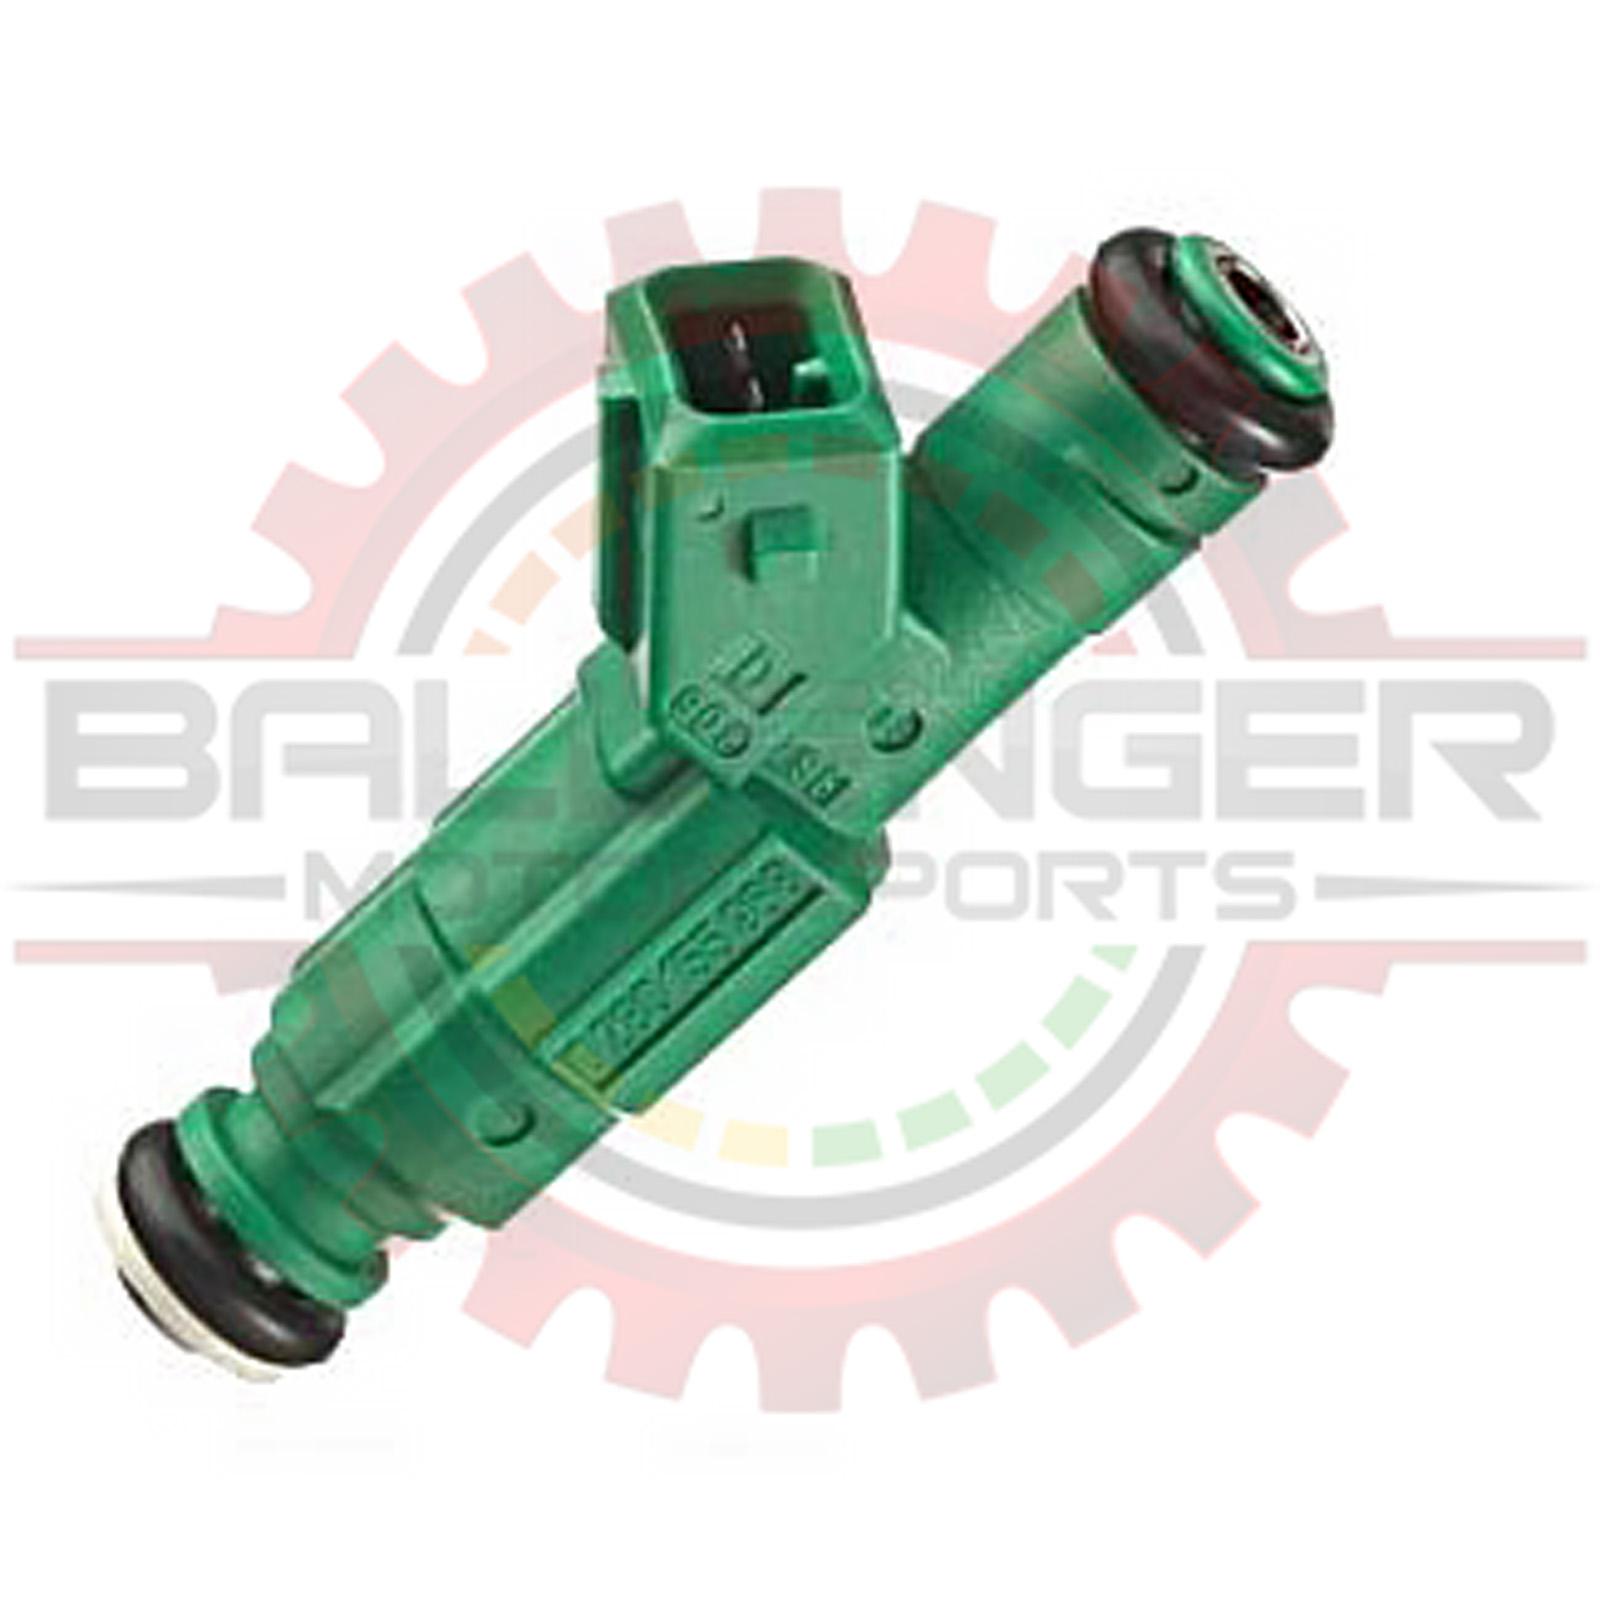 Bosch Green Giant 42lb/hour Fuel Injectors